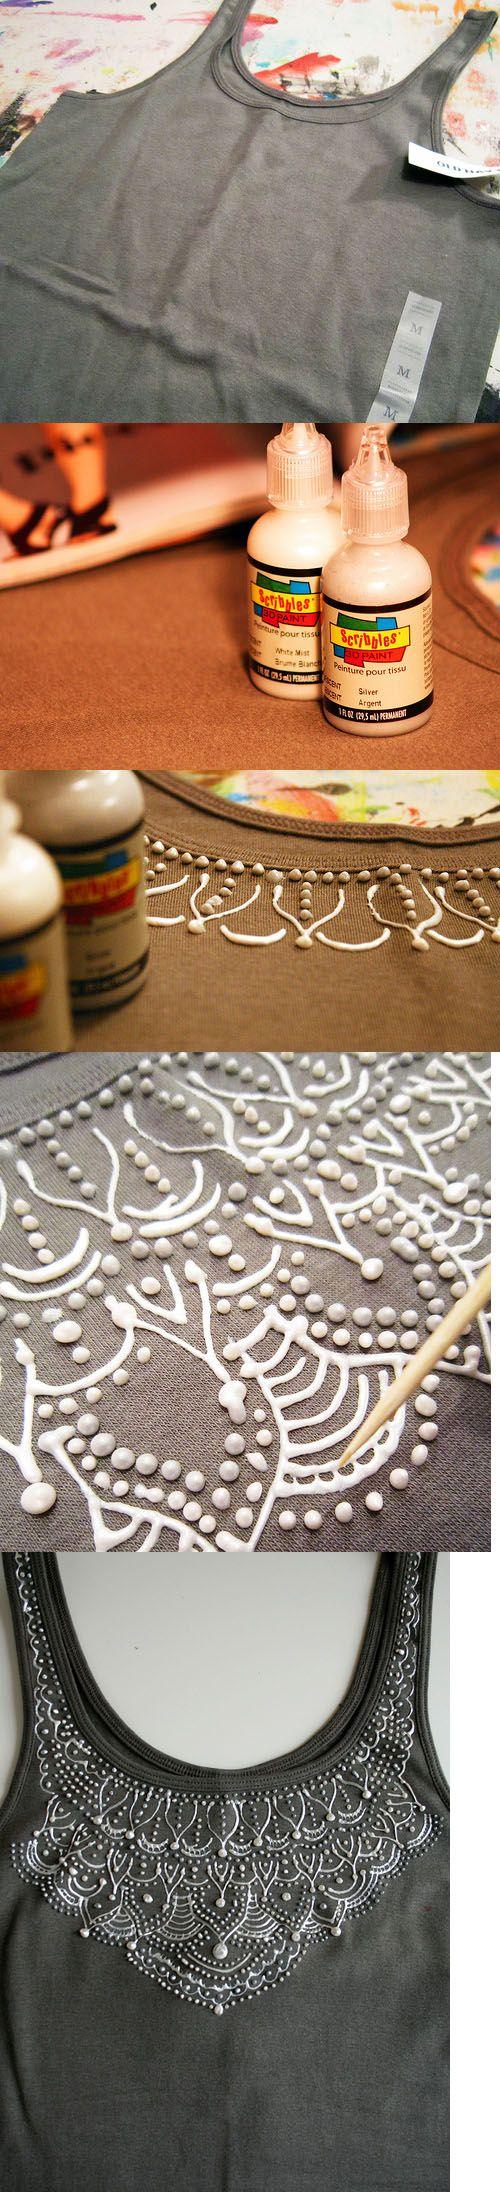 essayer cette peinture pour faire un dashiki + acheter les perles au dolo! :)